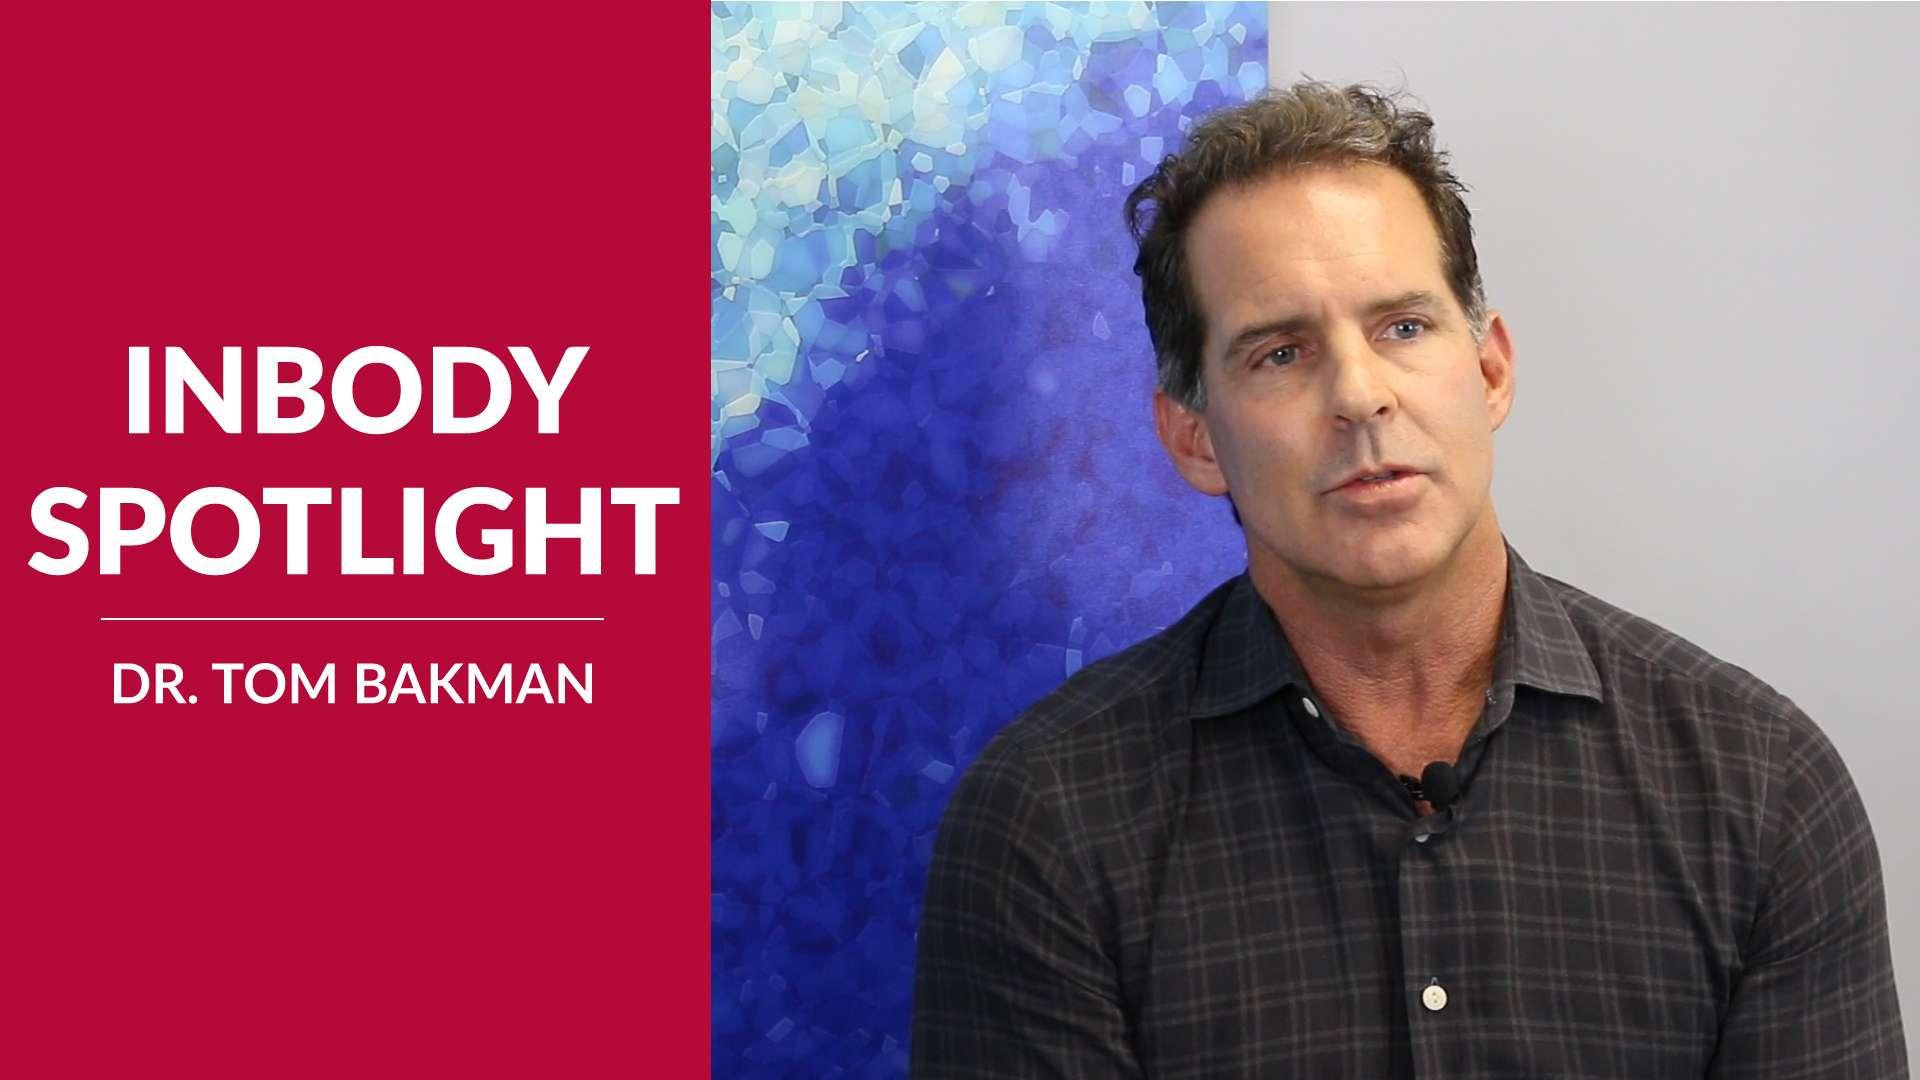 inbody spotlight video thumbnail dr tom bakman restoration healthcare